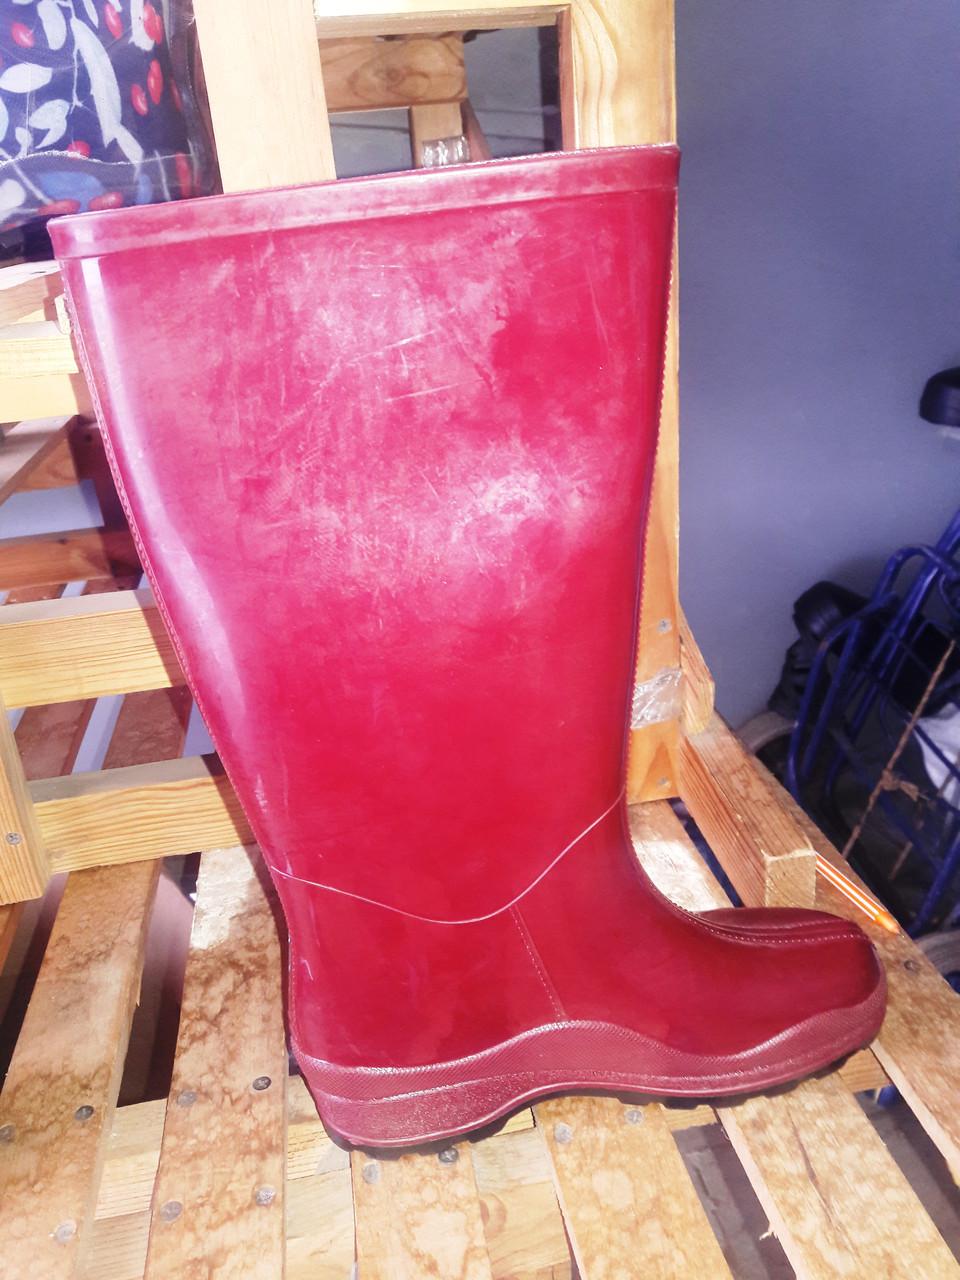 781d39050fa0 Силиконовые сапоги (женские) RealPax - Интернет-магазин обуви и белья